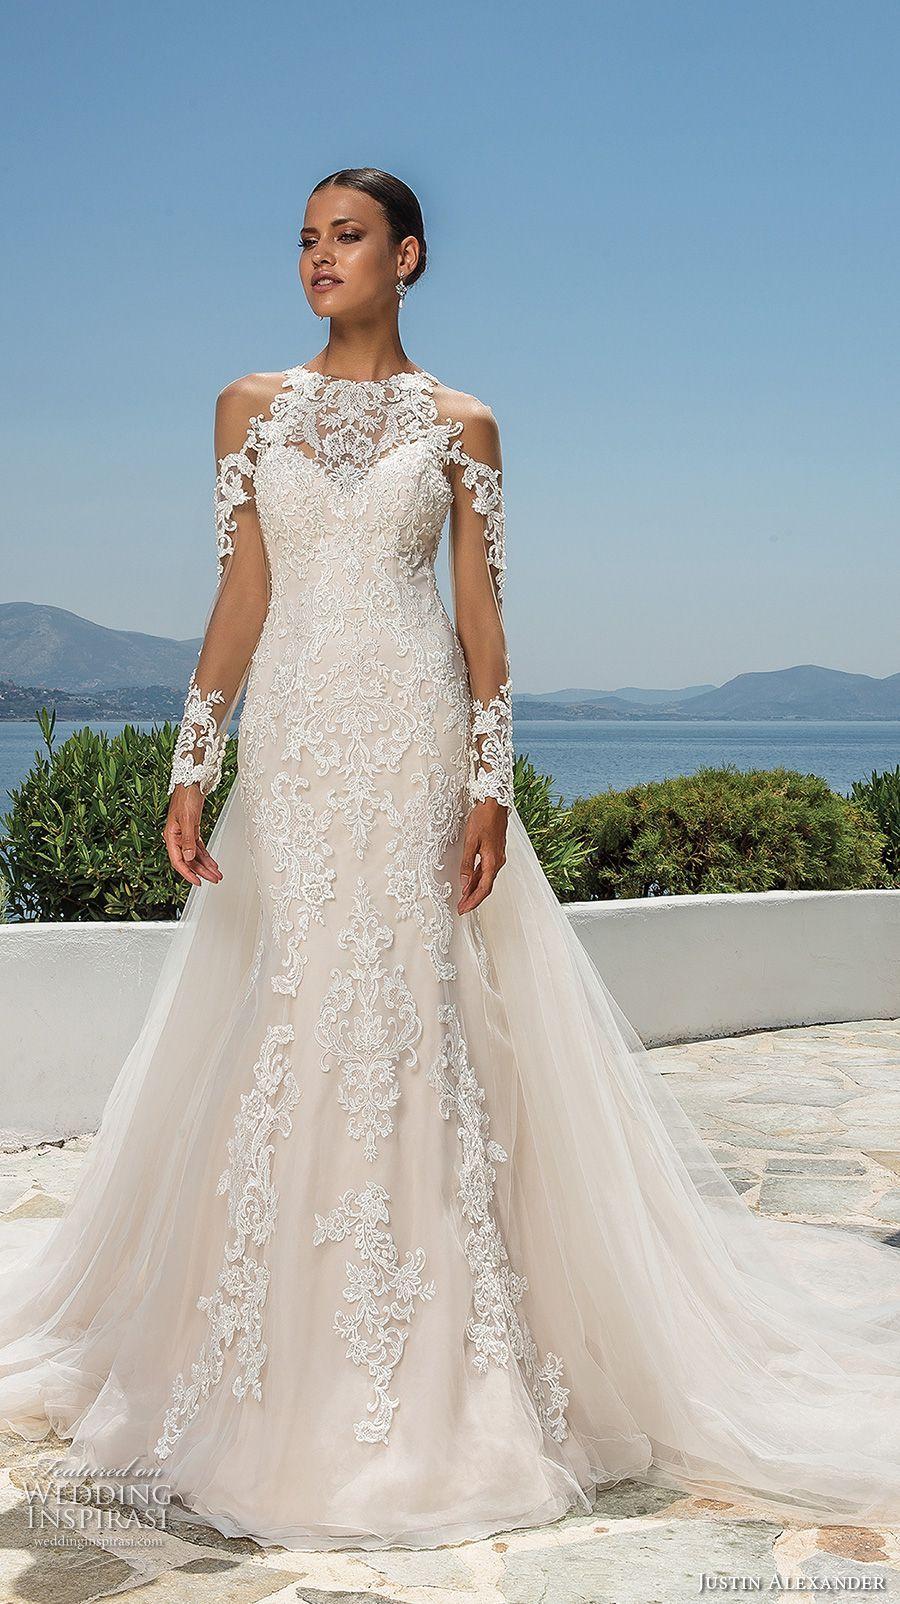 Justin alexander bridal long sleeves jewel neckline full